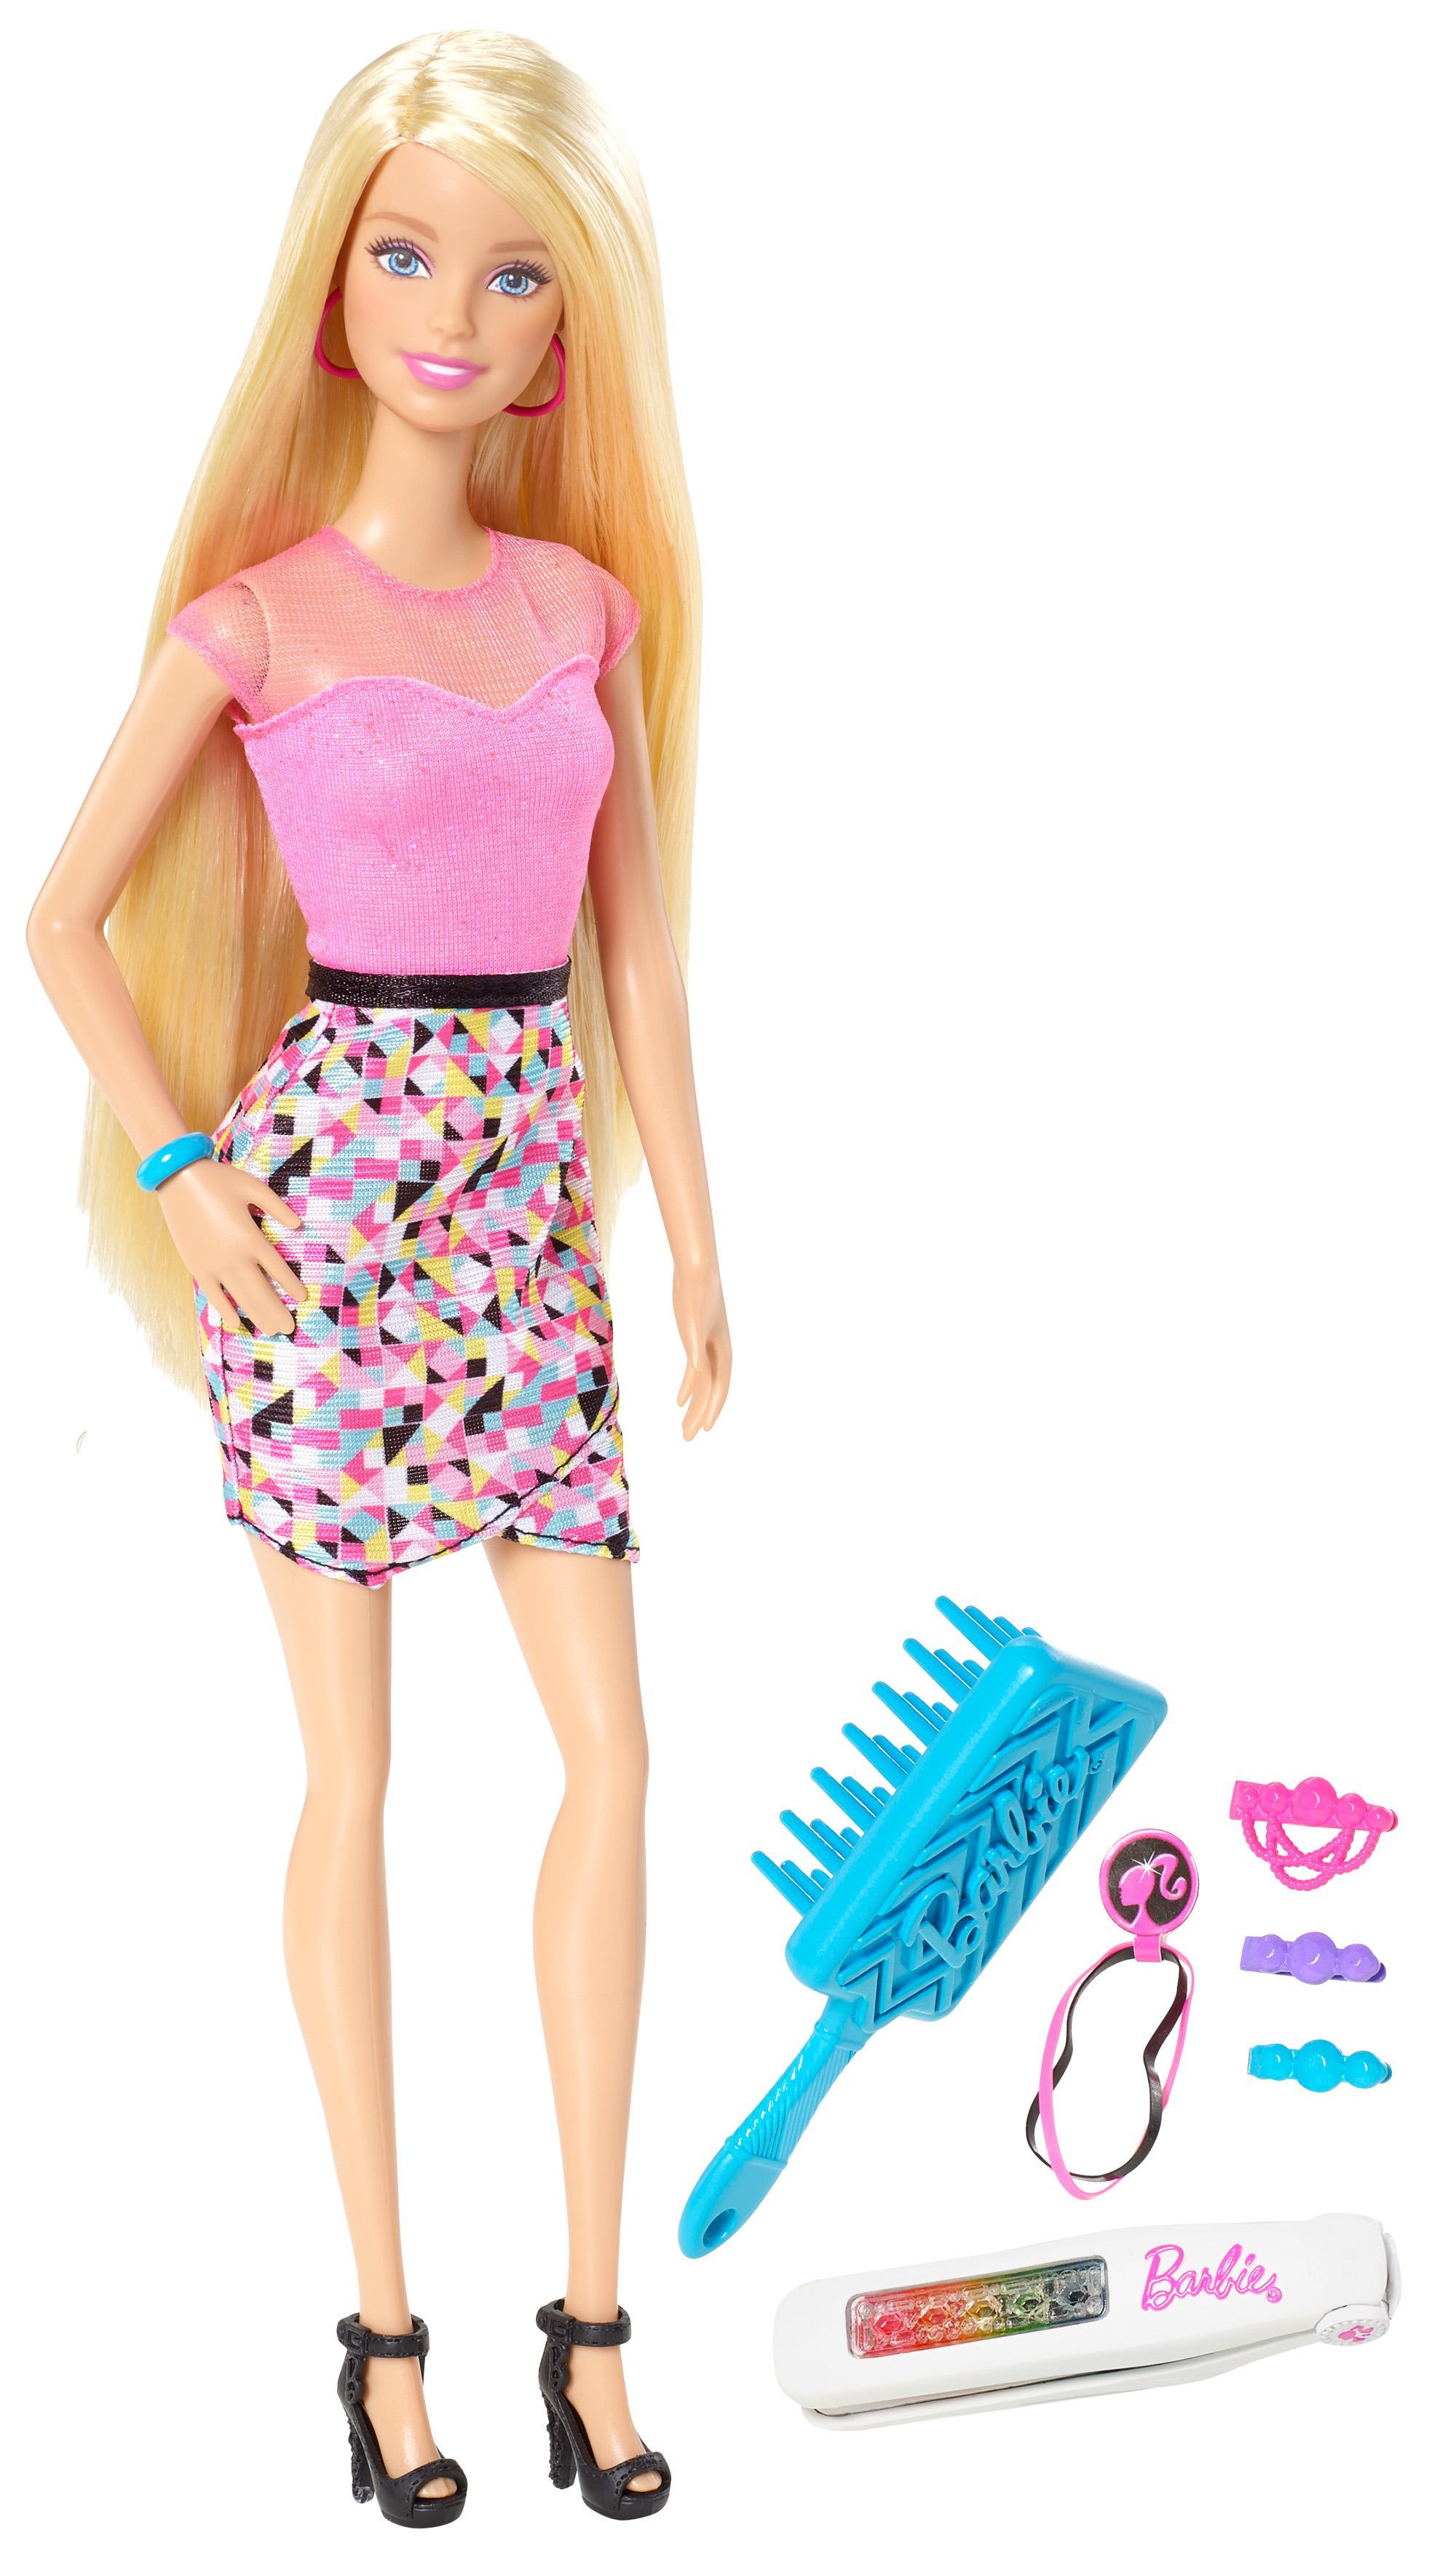 Barbie hair coloring games - Barbie Rainbow Hair